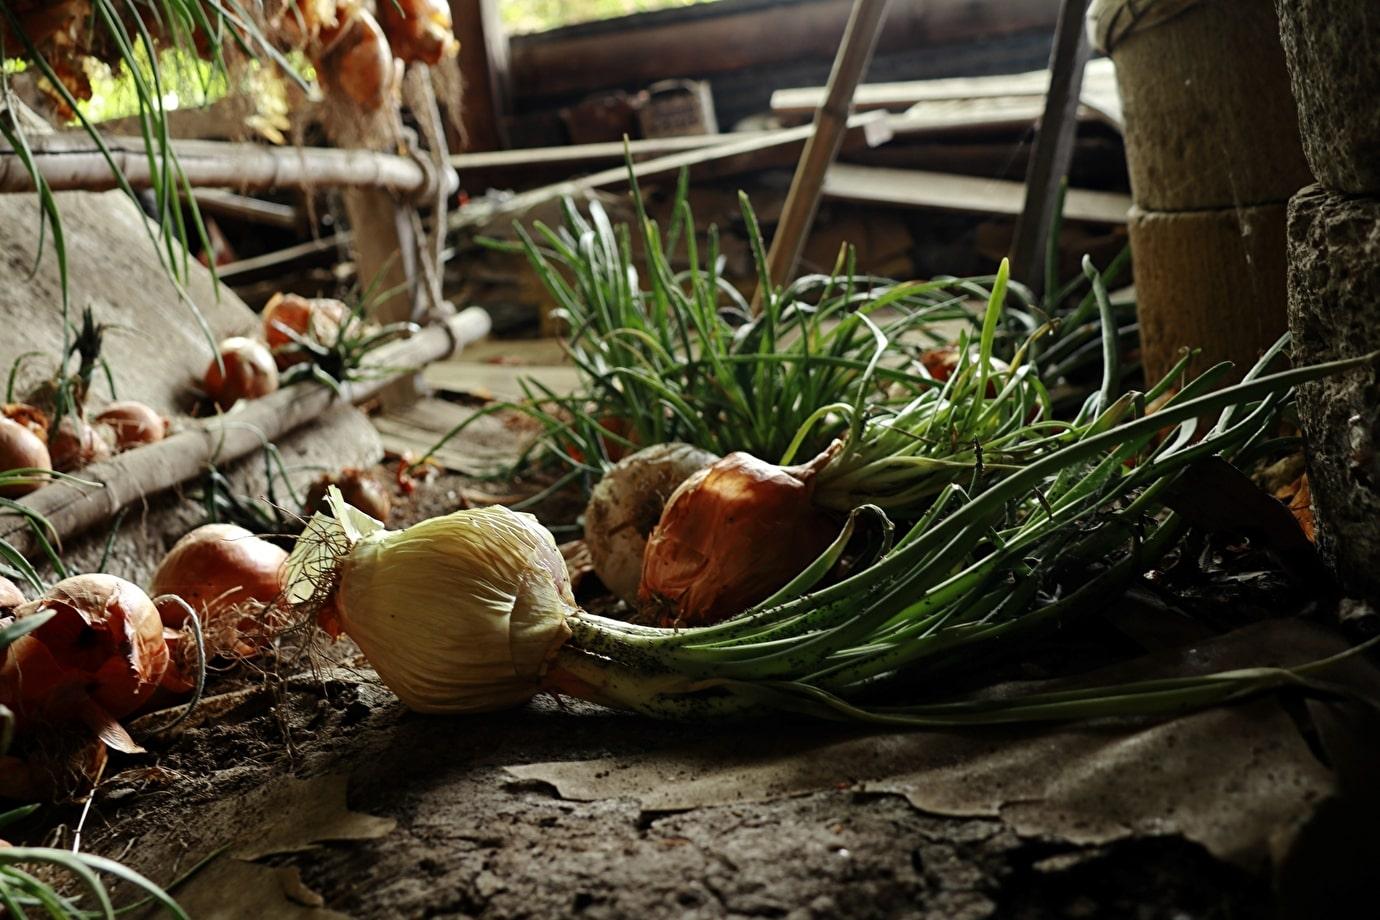 世界中で、まだ食べられる食品が毎日捨てられています